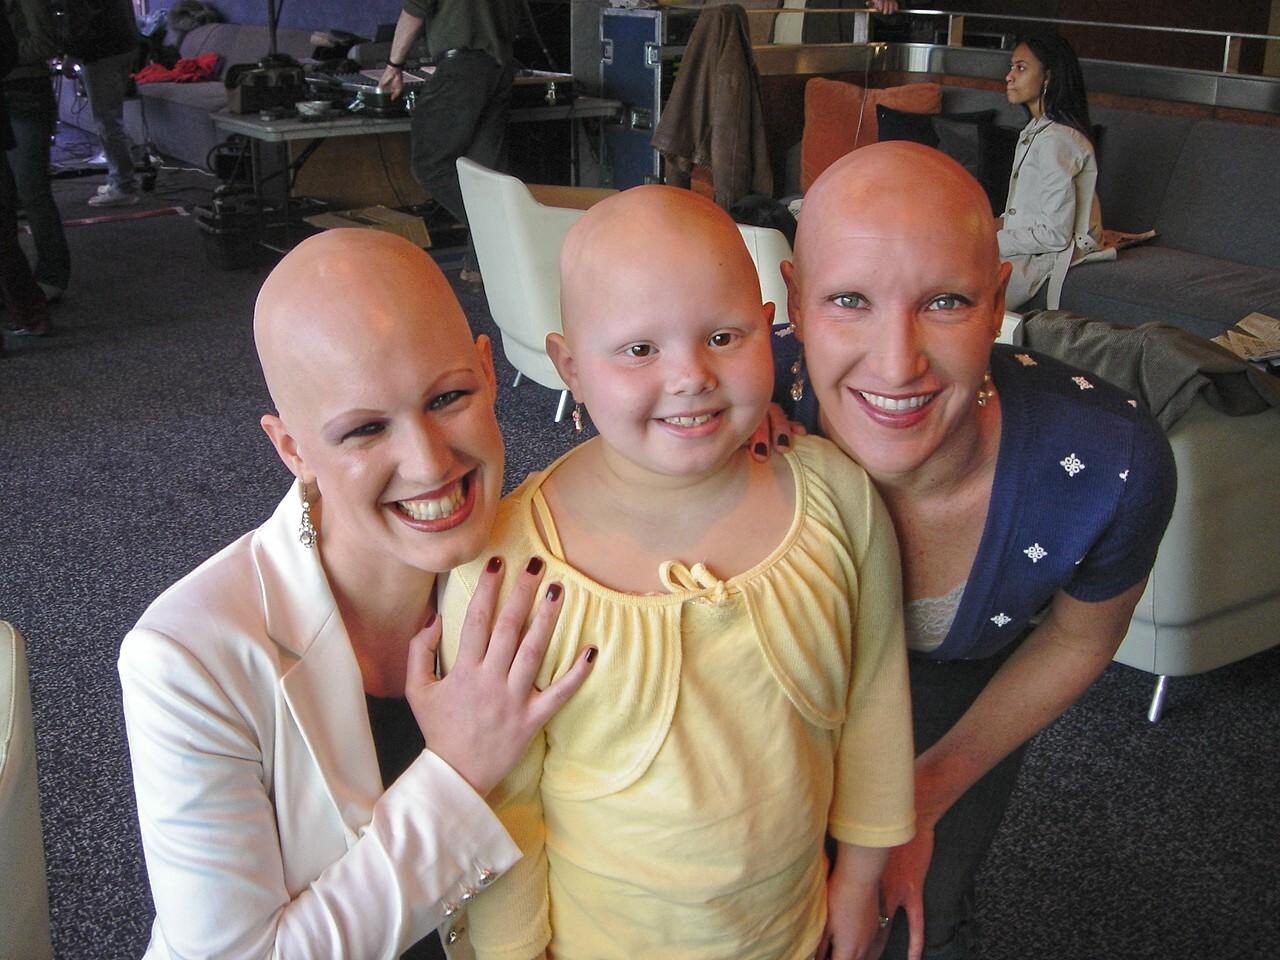 Рак так так лысая девчонка 24 фотография